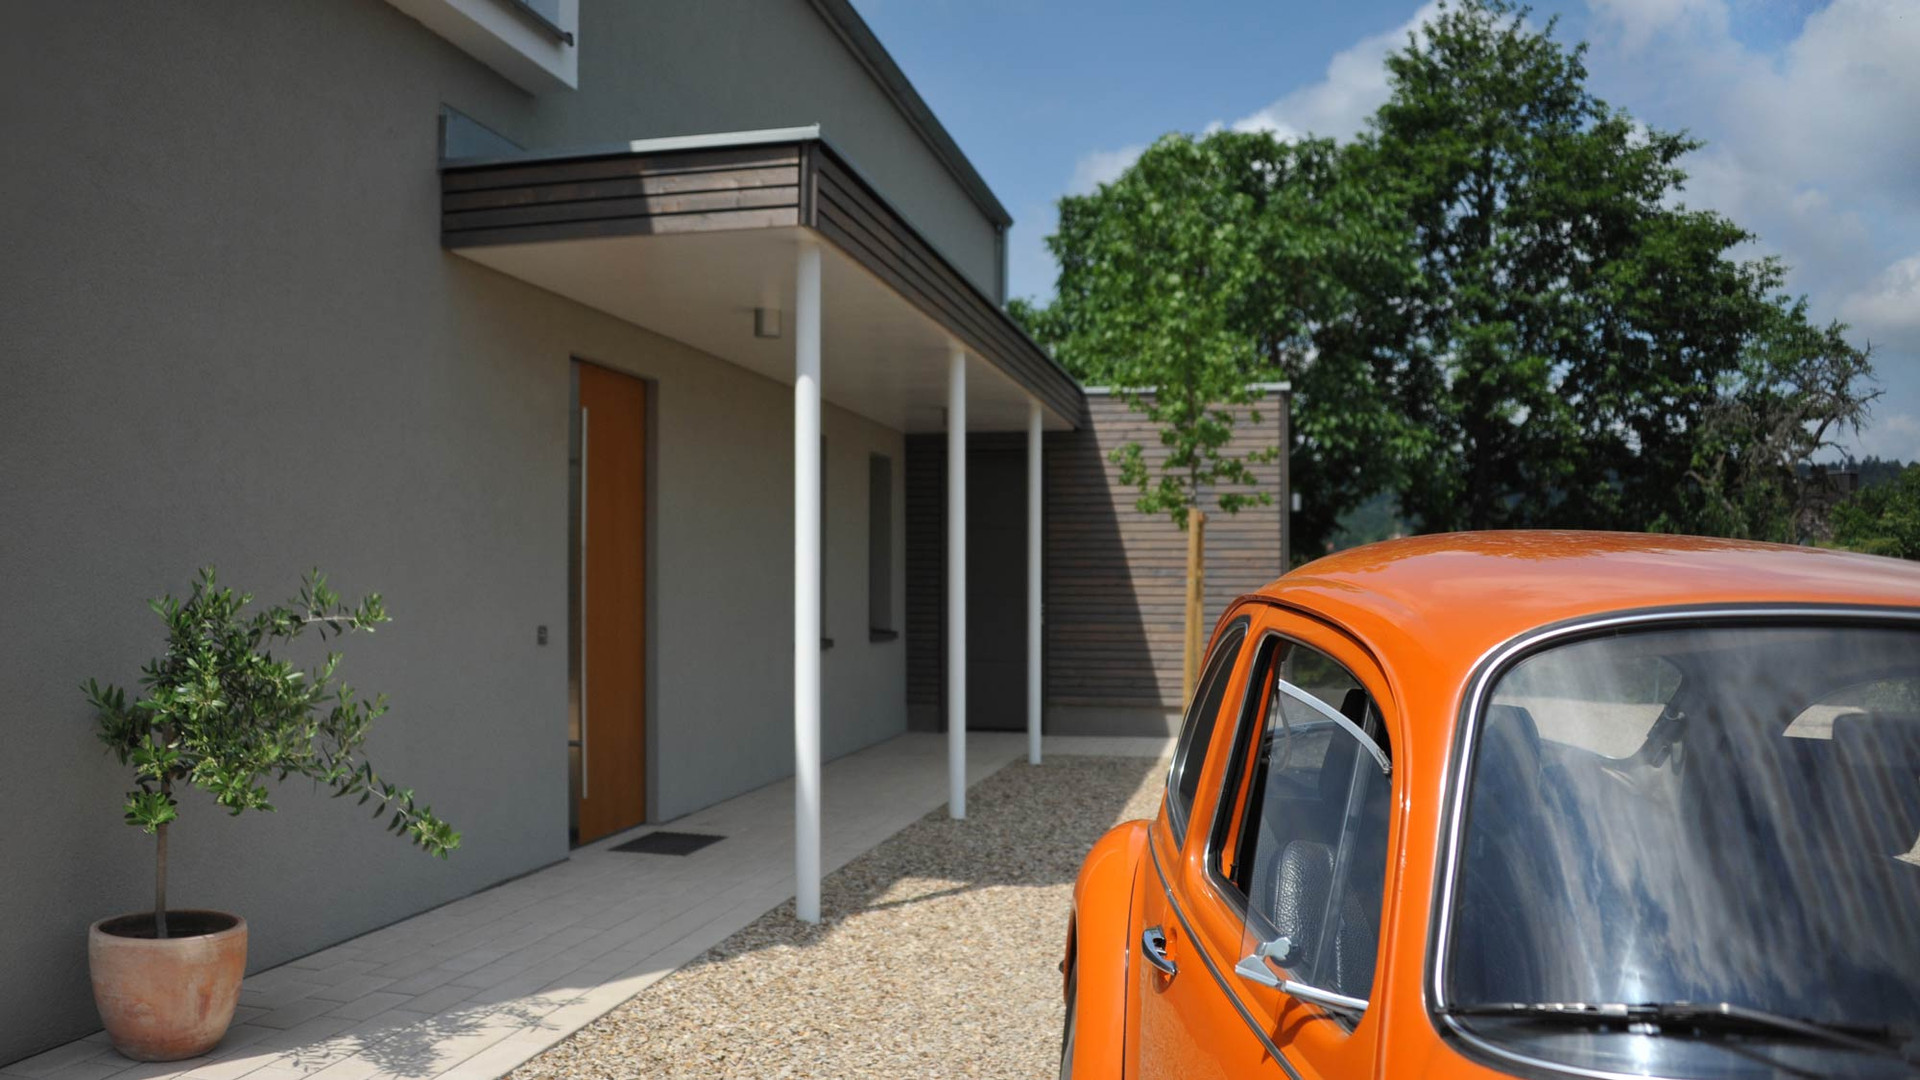 Modernes Einfamilienhaus auf dem Land